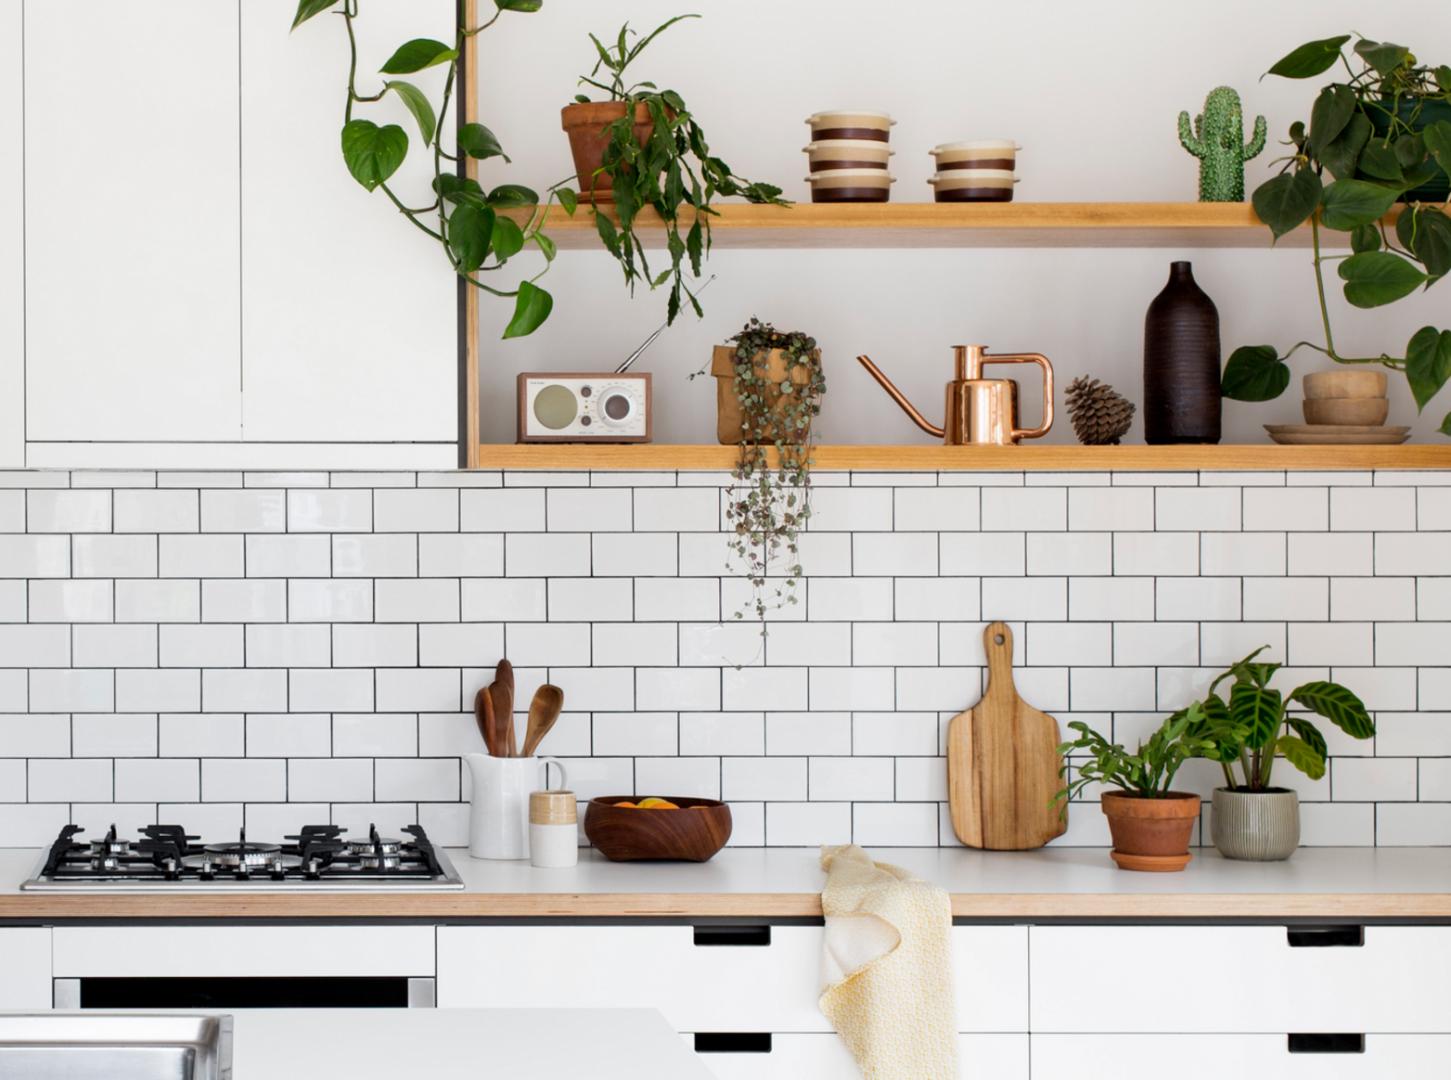 Woontrends de keukentrends 2016 stijlvol styling for Woontrends 2016